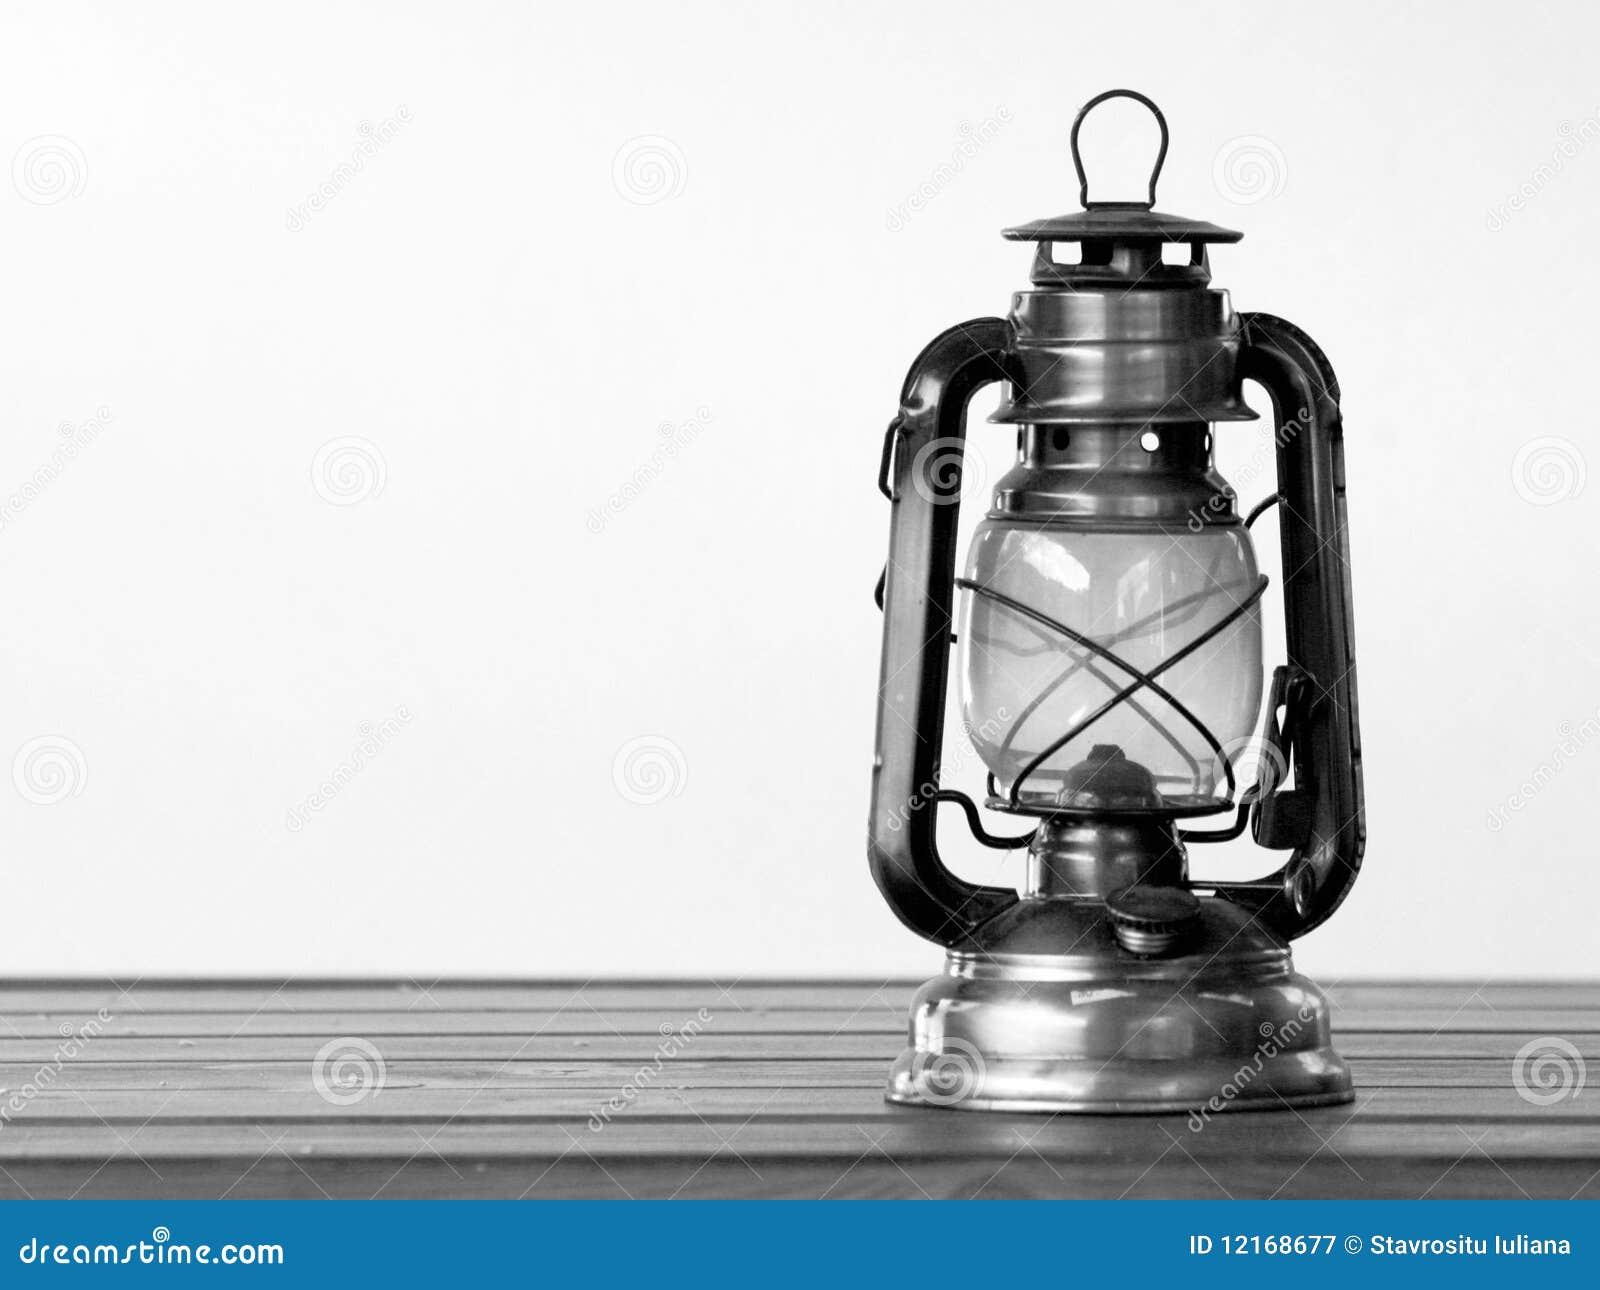 lampe de gaz photographie stock libre de droits image 12168677. Black Bedroom Furniture Sets. Home Design Ideas